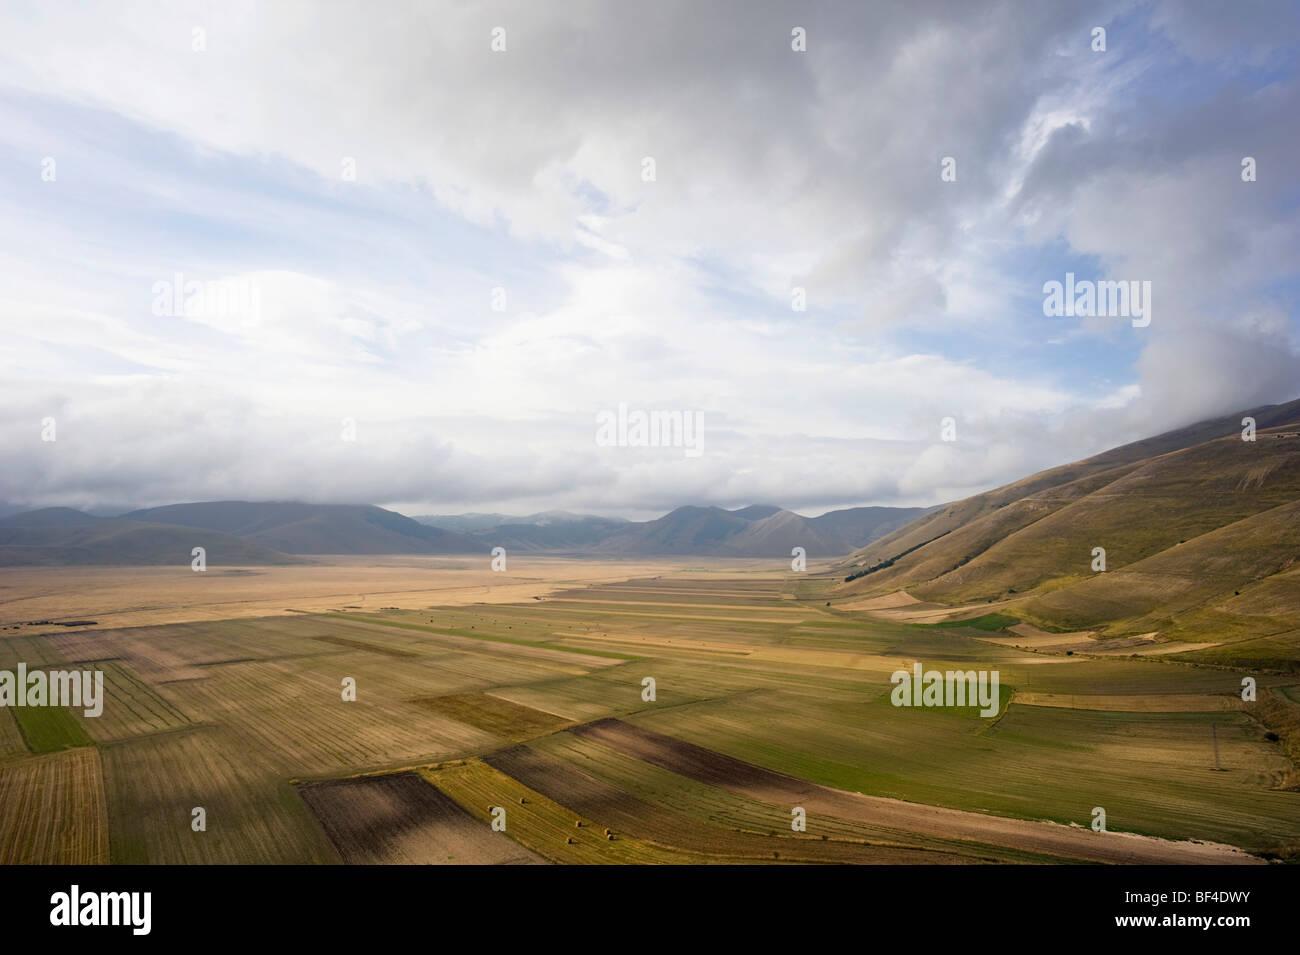 High above Piano Grande plateau, Monte Sibillini, Apennines, Le Marche, Italy, Europe - Stock Image